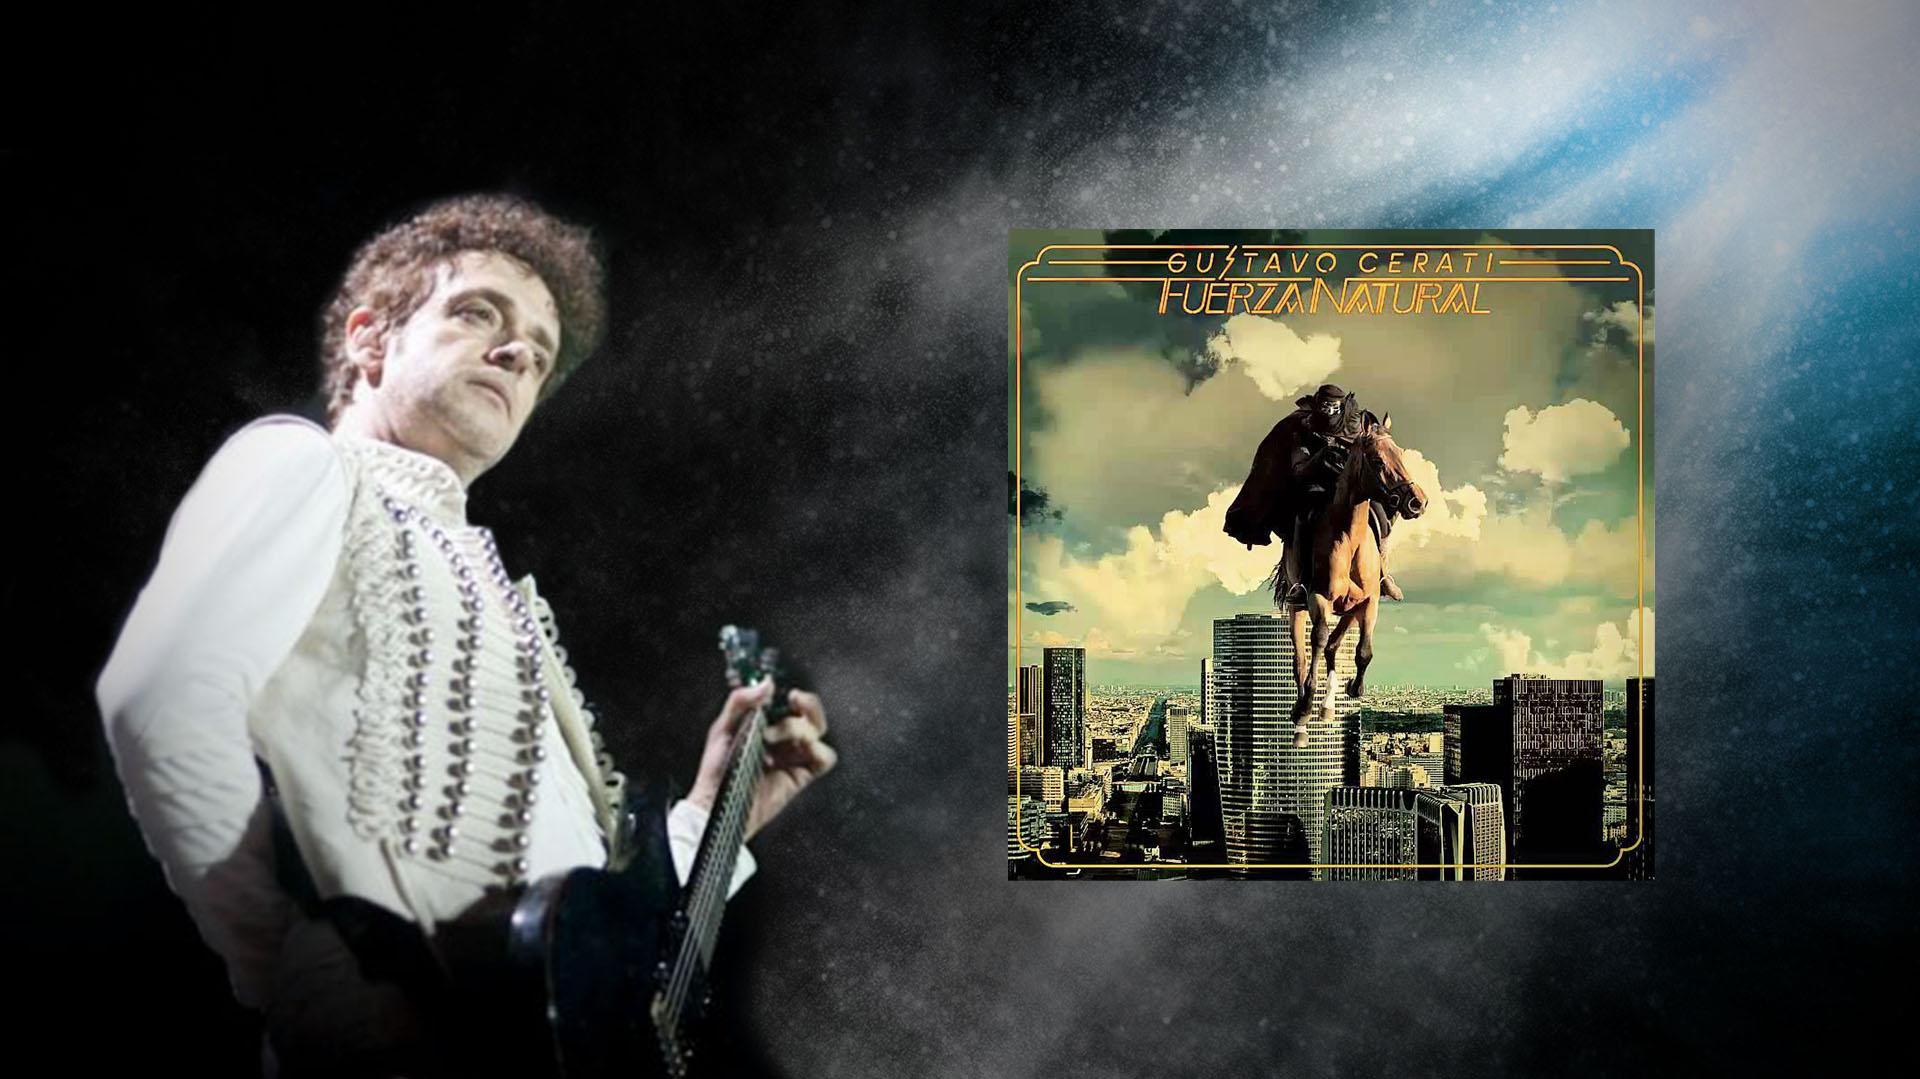 Se cumplen 10 años de Fuerza Natural, el último disco de Gustavo Cerati - Infobae